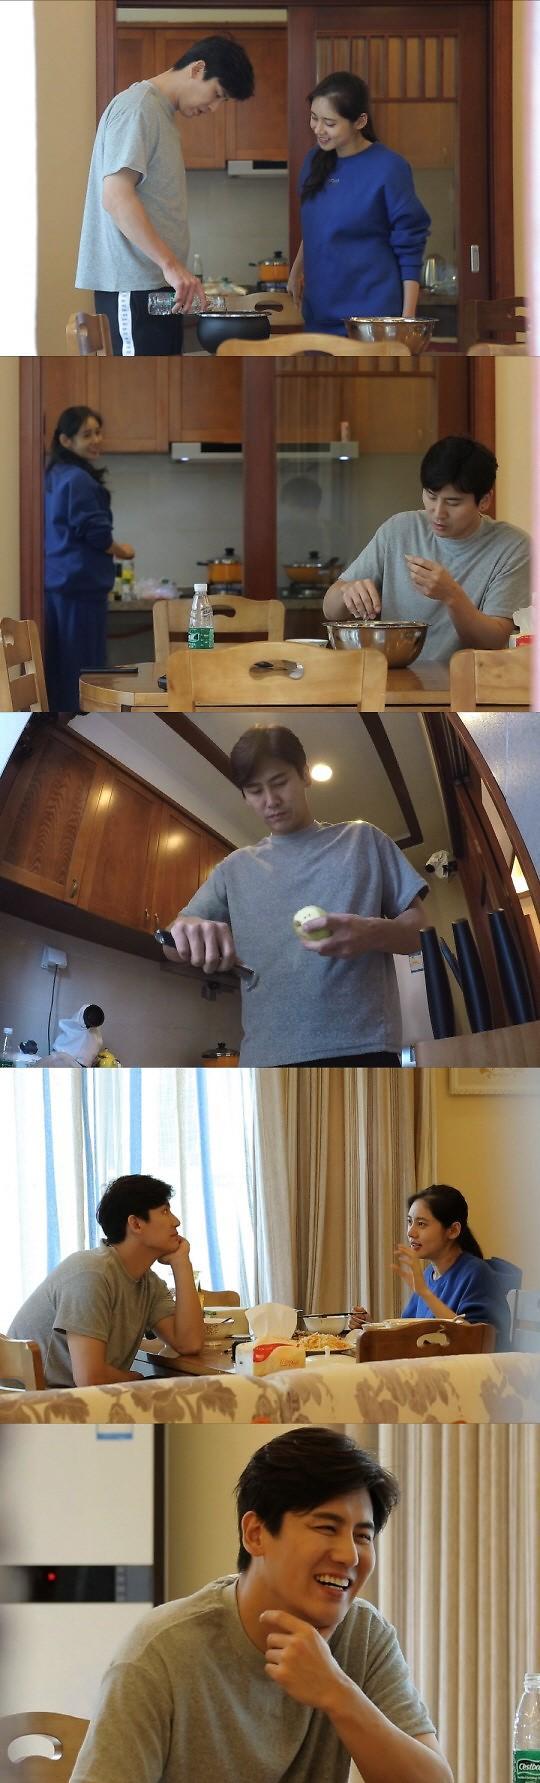 《同床异梦2》预告 于晓光秋瓷炫为新生命起名